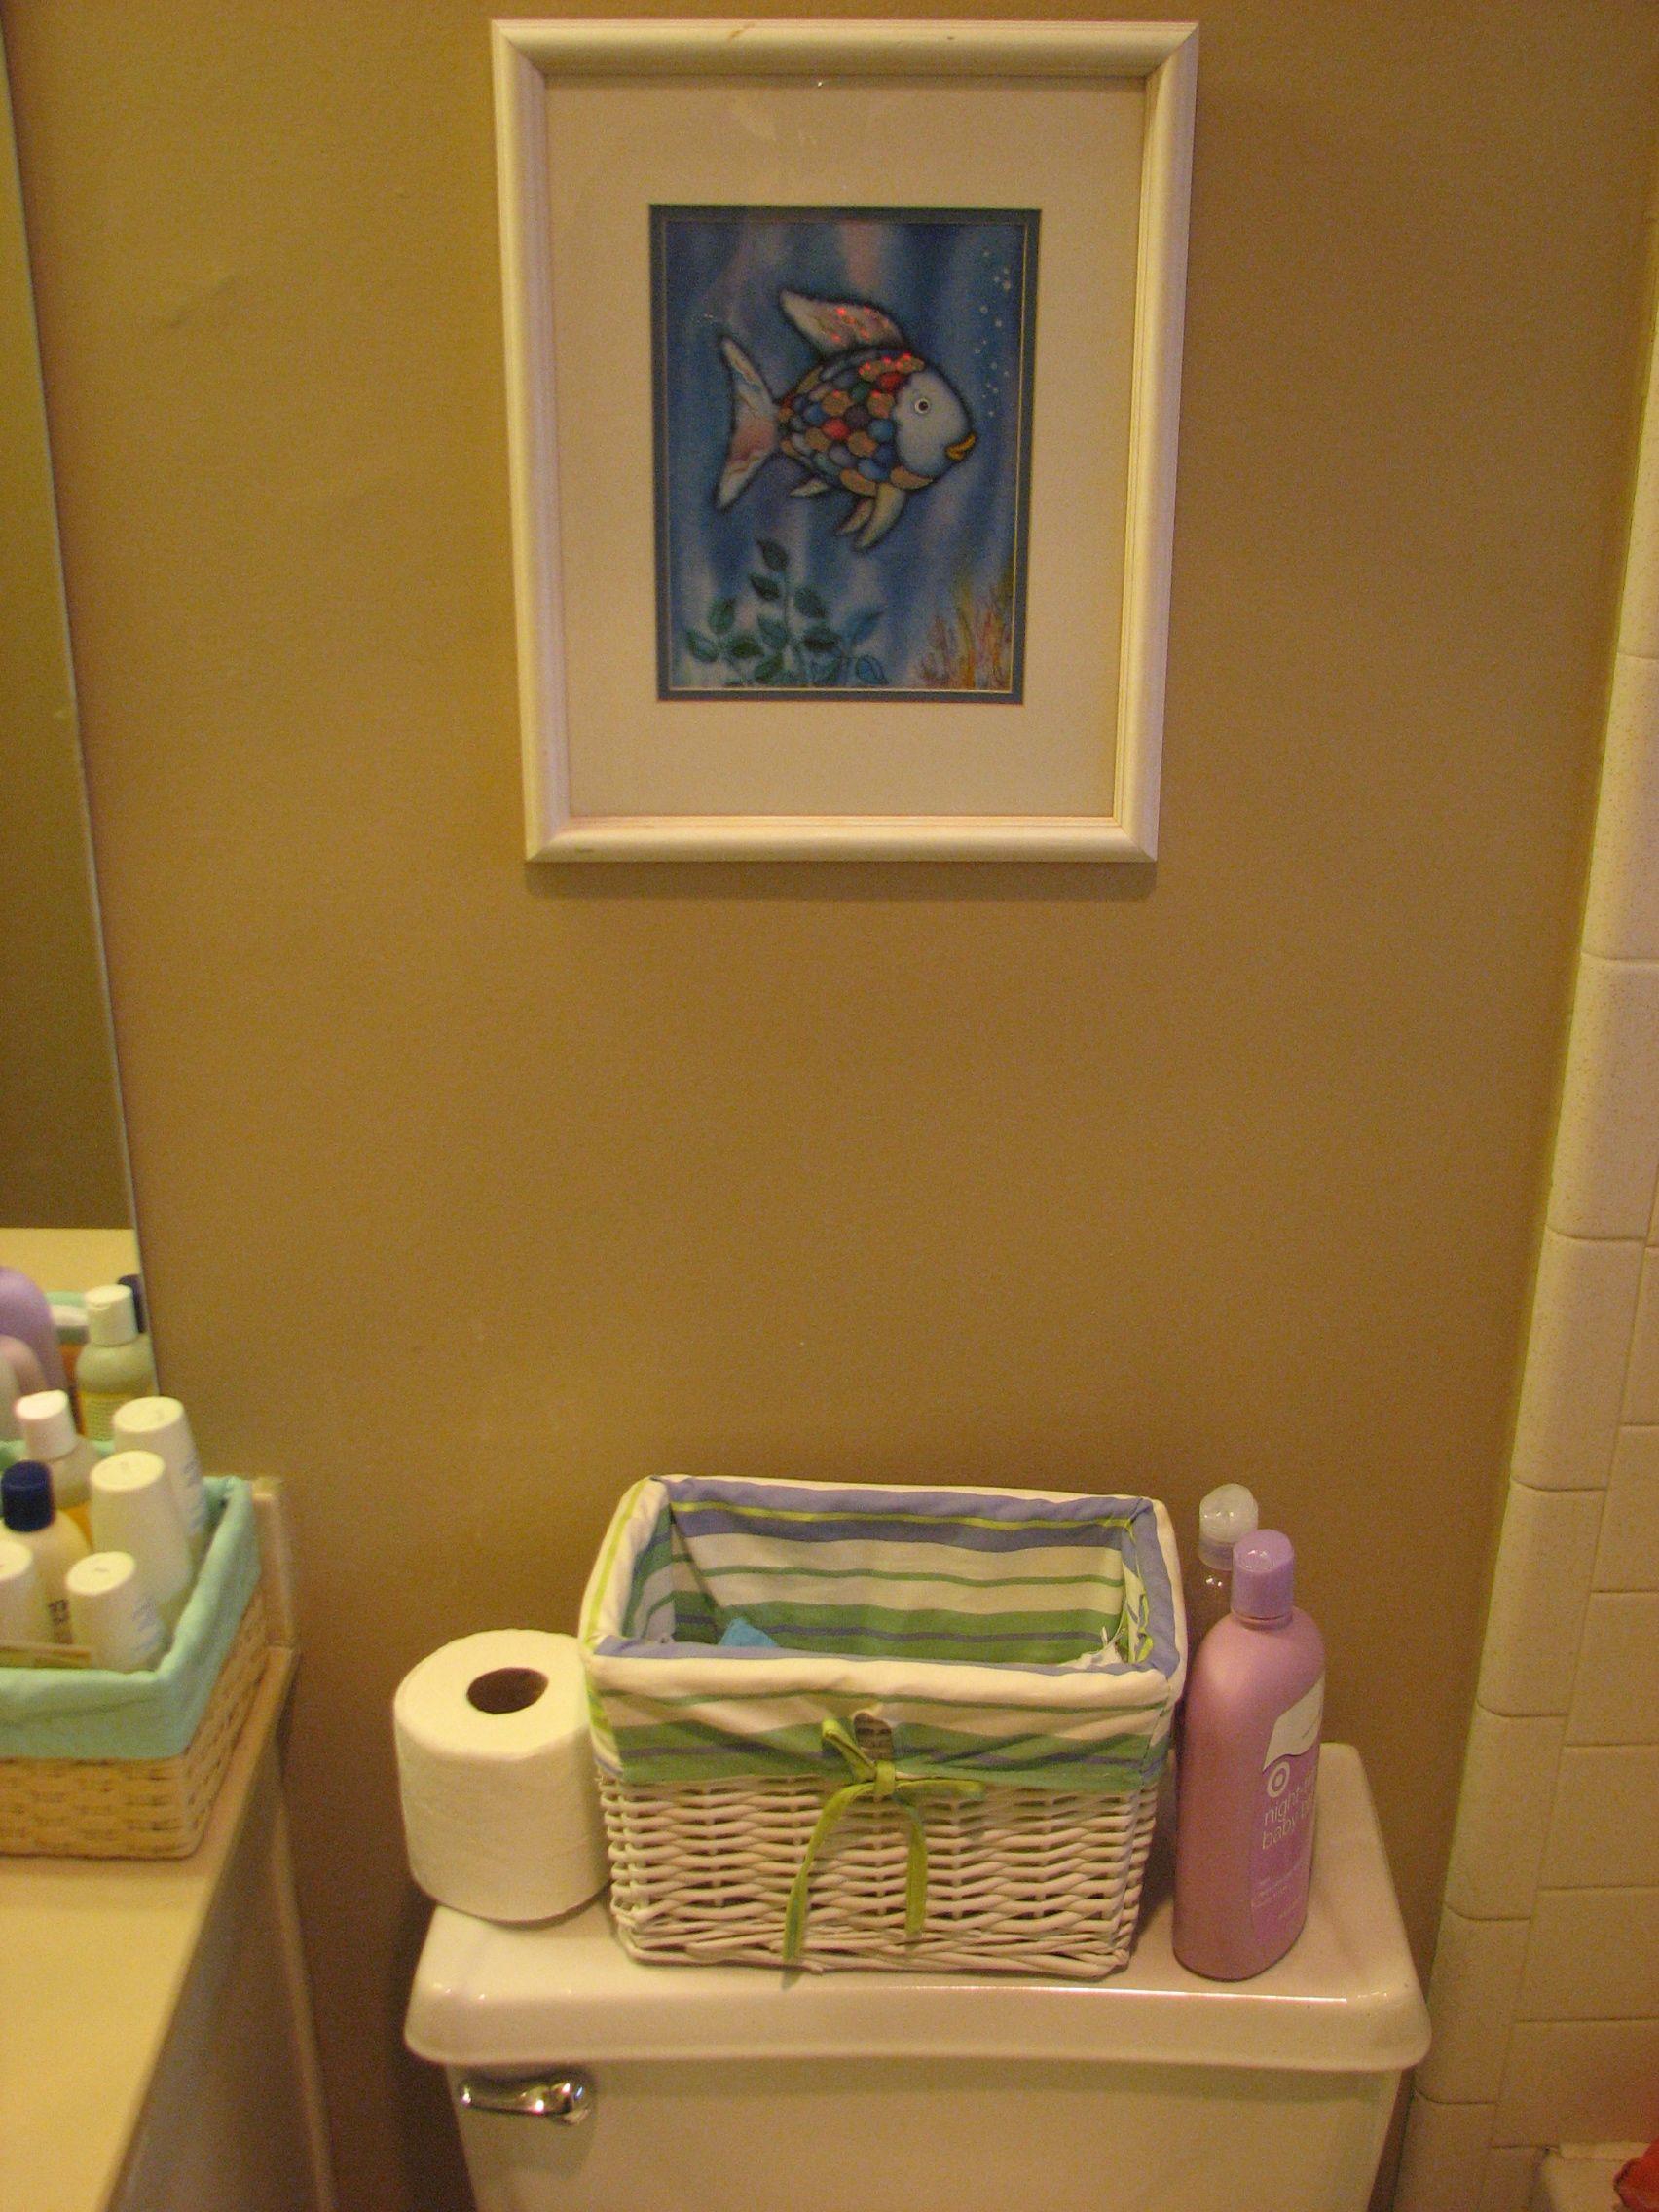 bef - toilet